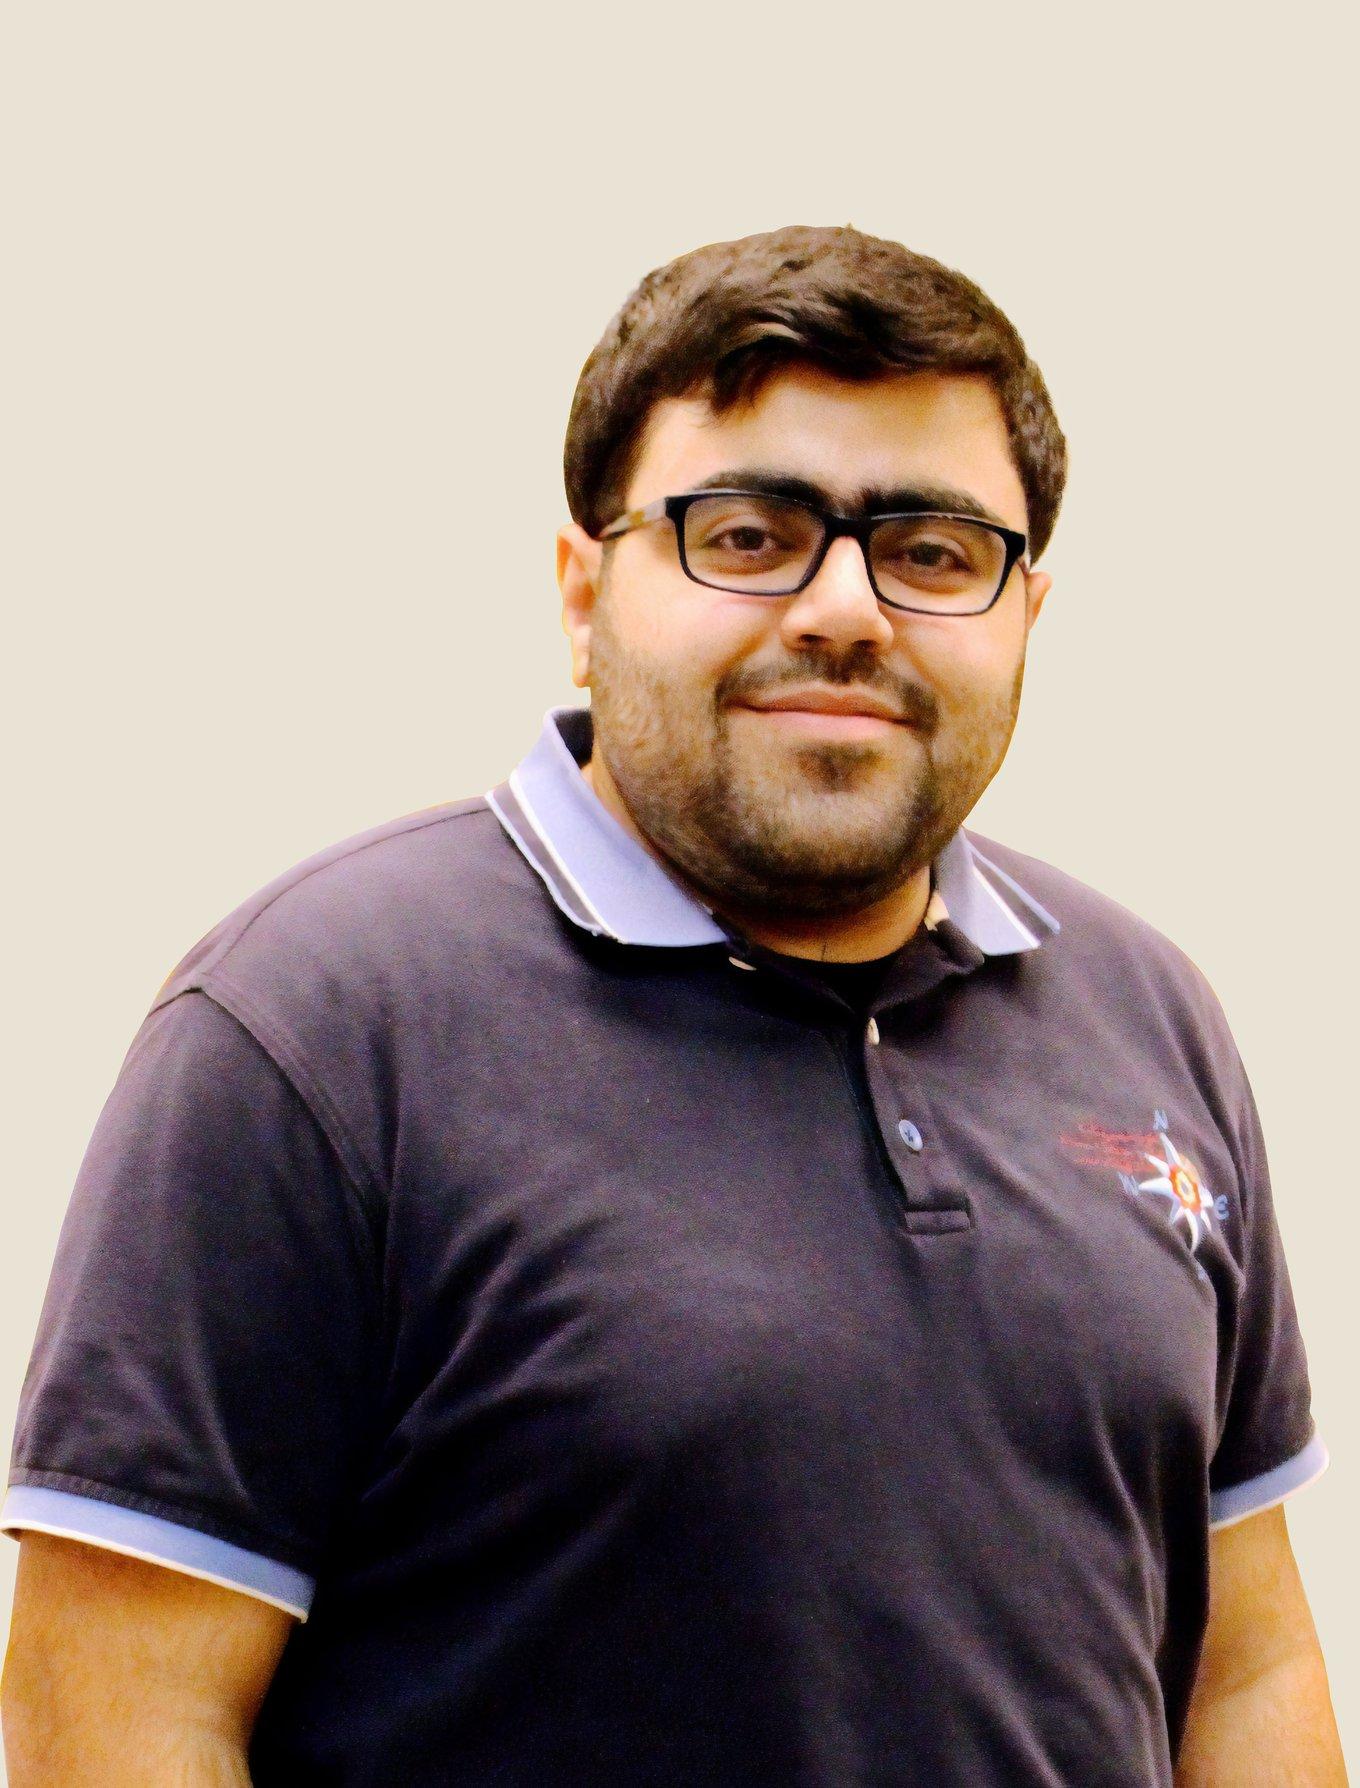 Photo of Haytham Dbouk